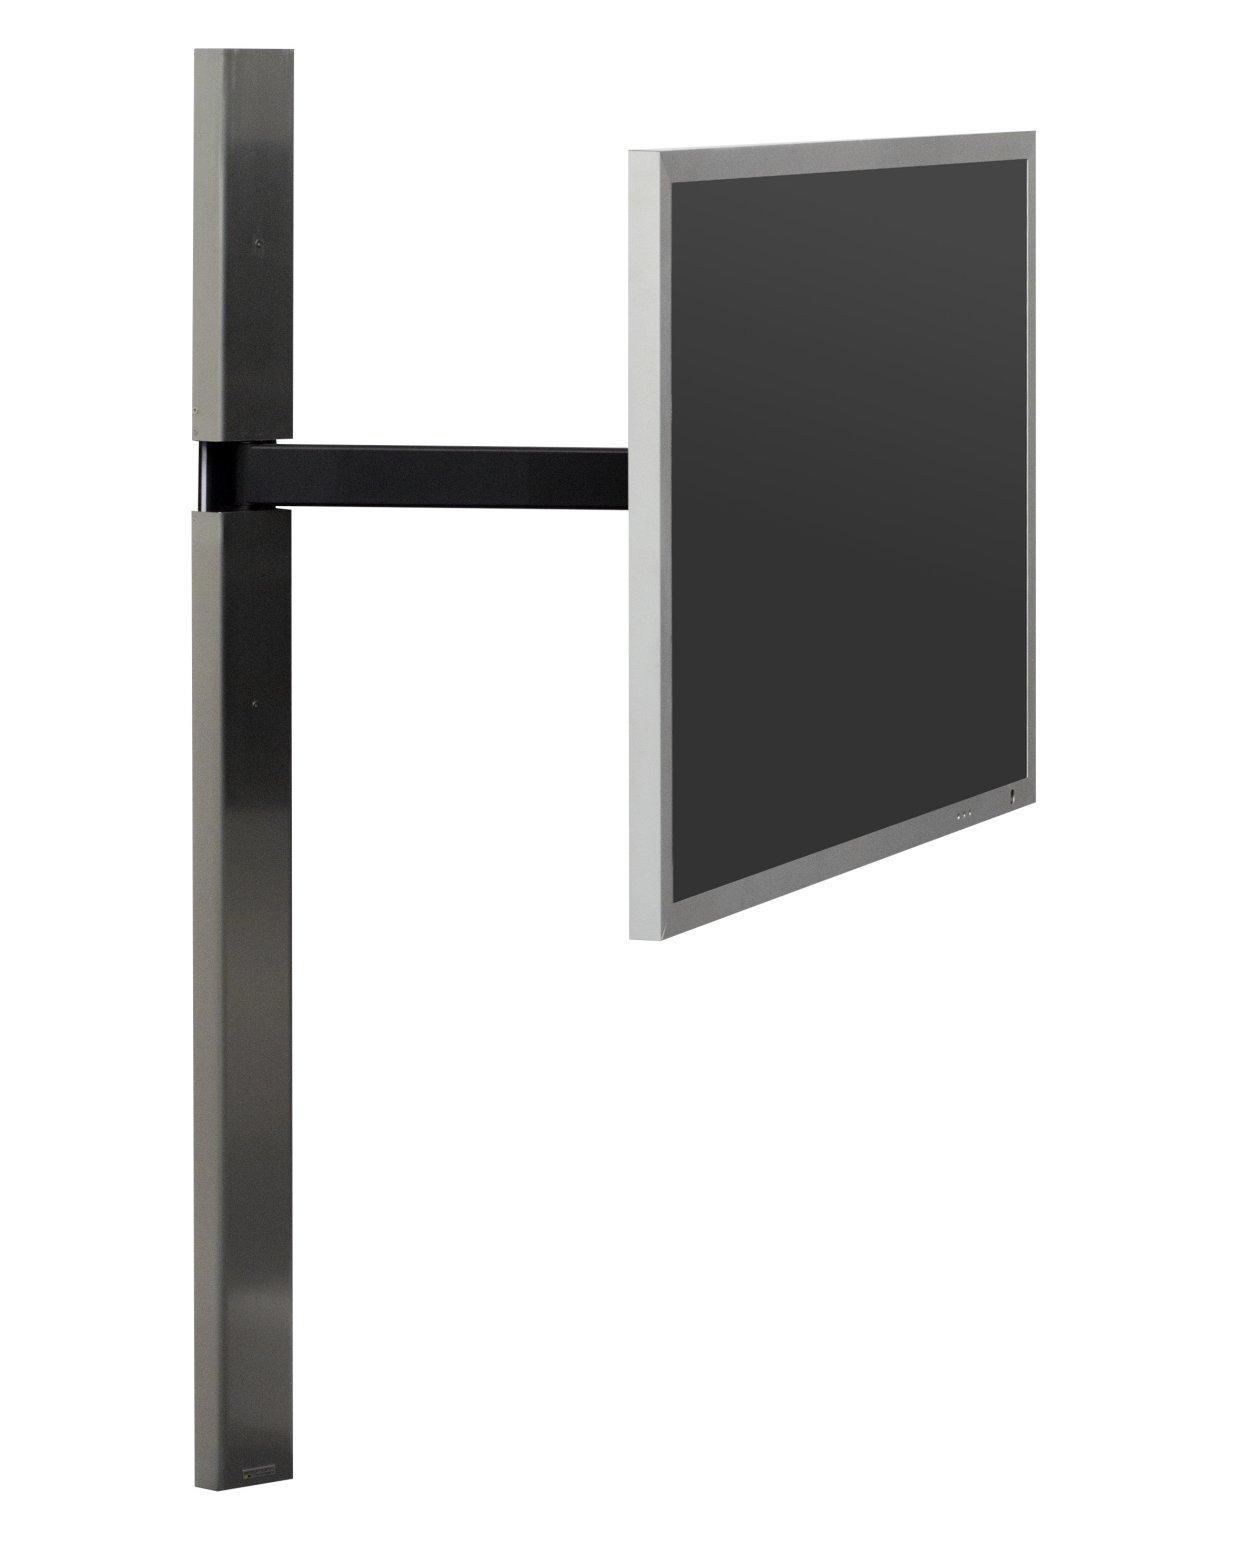 mit fernbedienung elektrisch verstellbare fernseher wandhalterung mit einem frei schwenkbaren. Black Bedroom Furniture Sets. Home Design Ideas